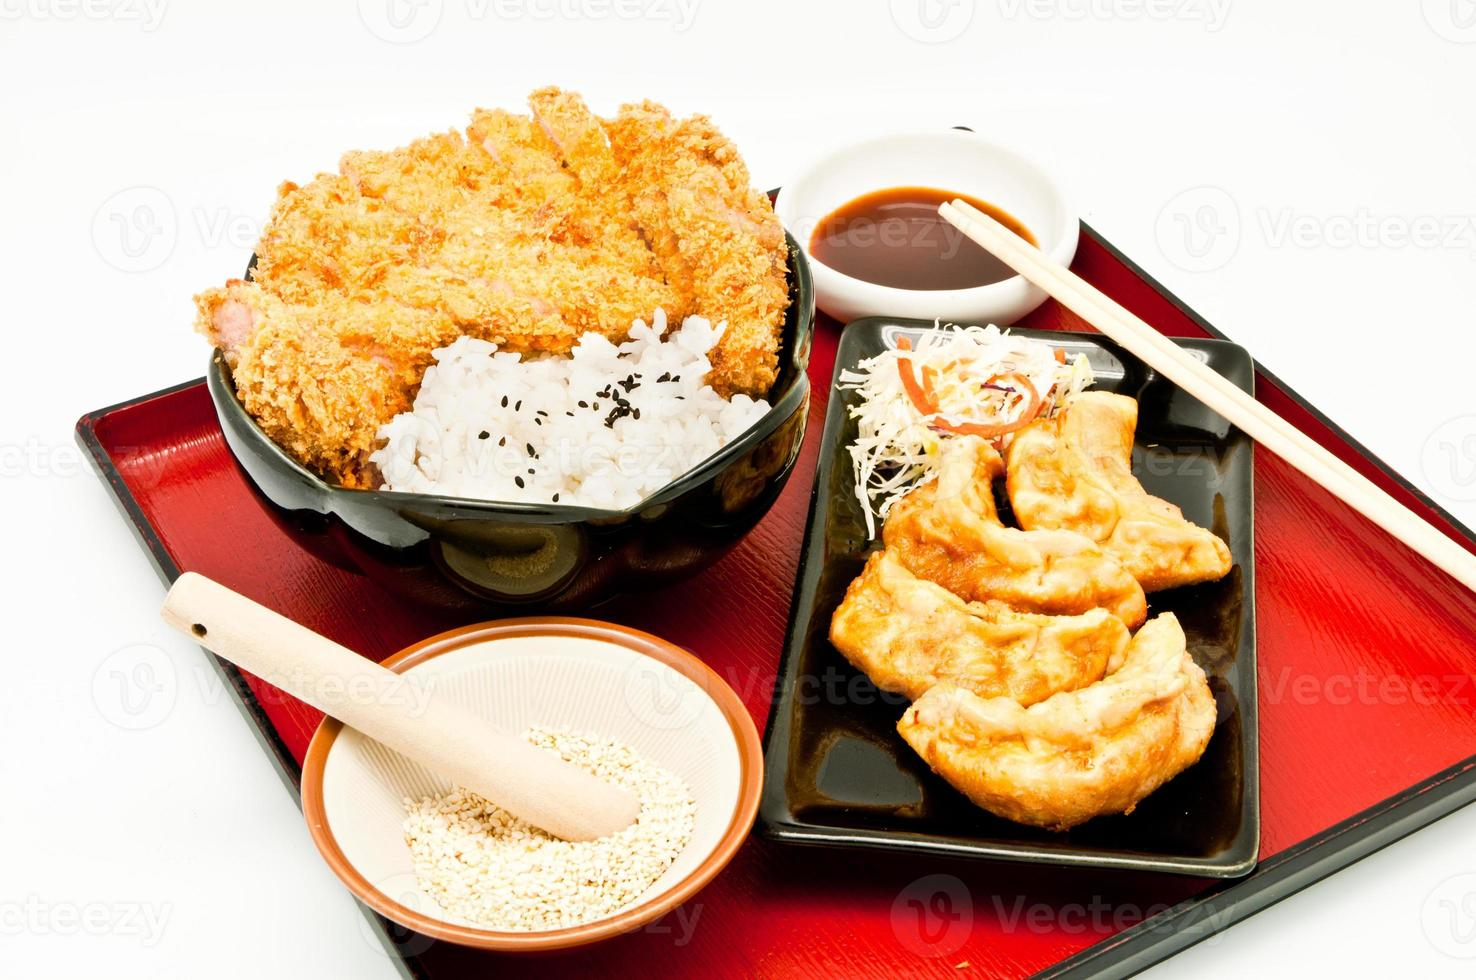 cotoletta di riso e maiale fritto e gnocchi fritti foto